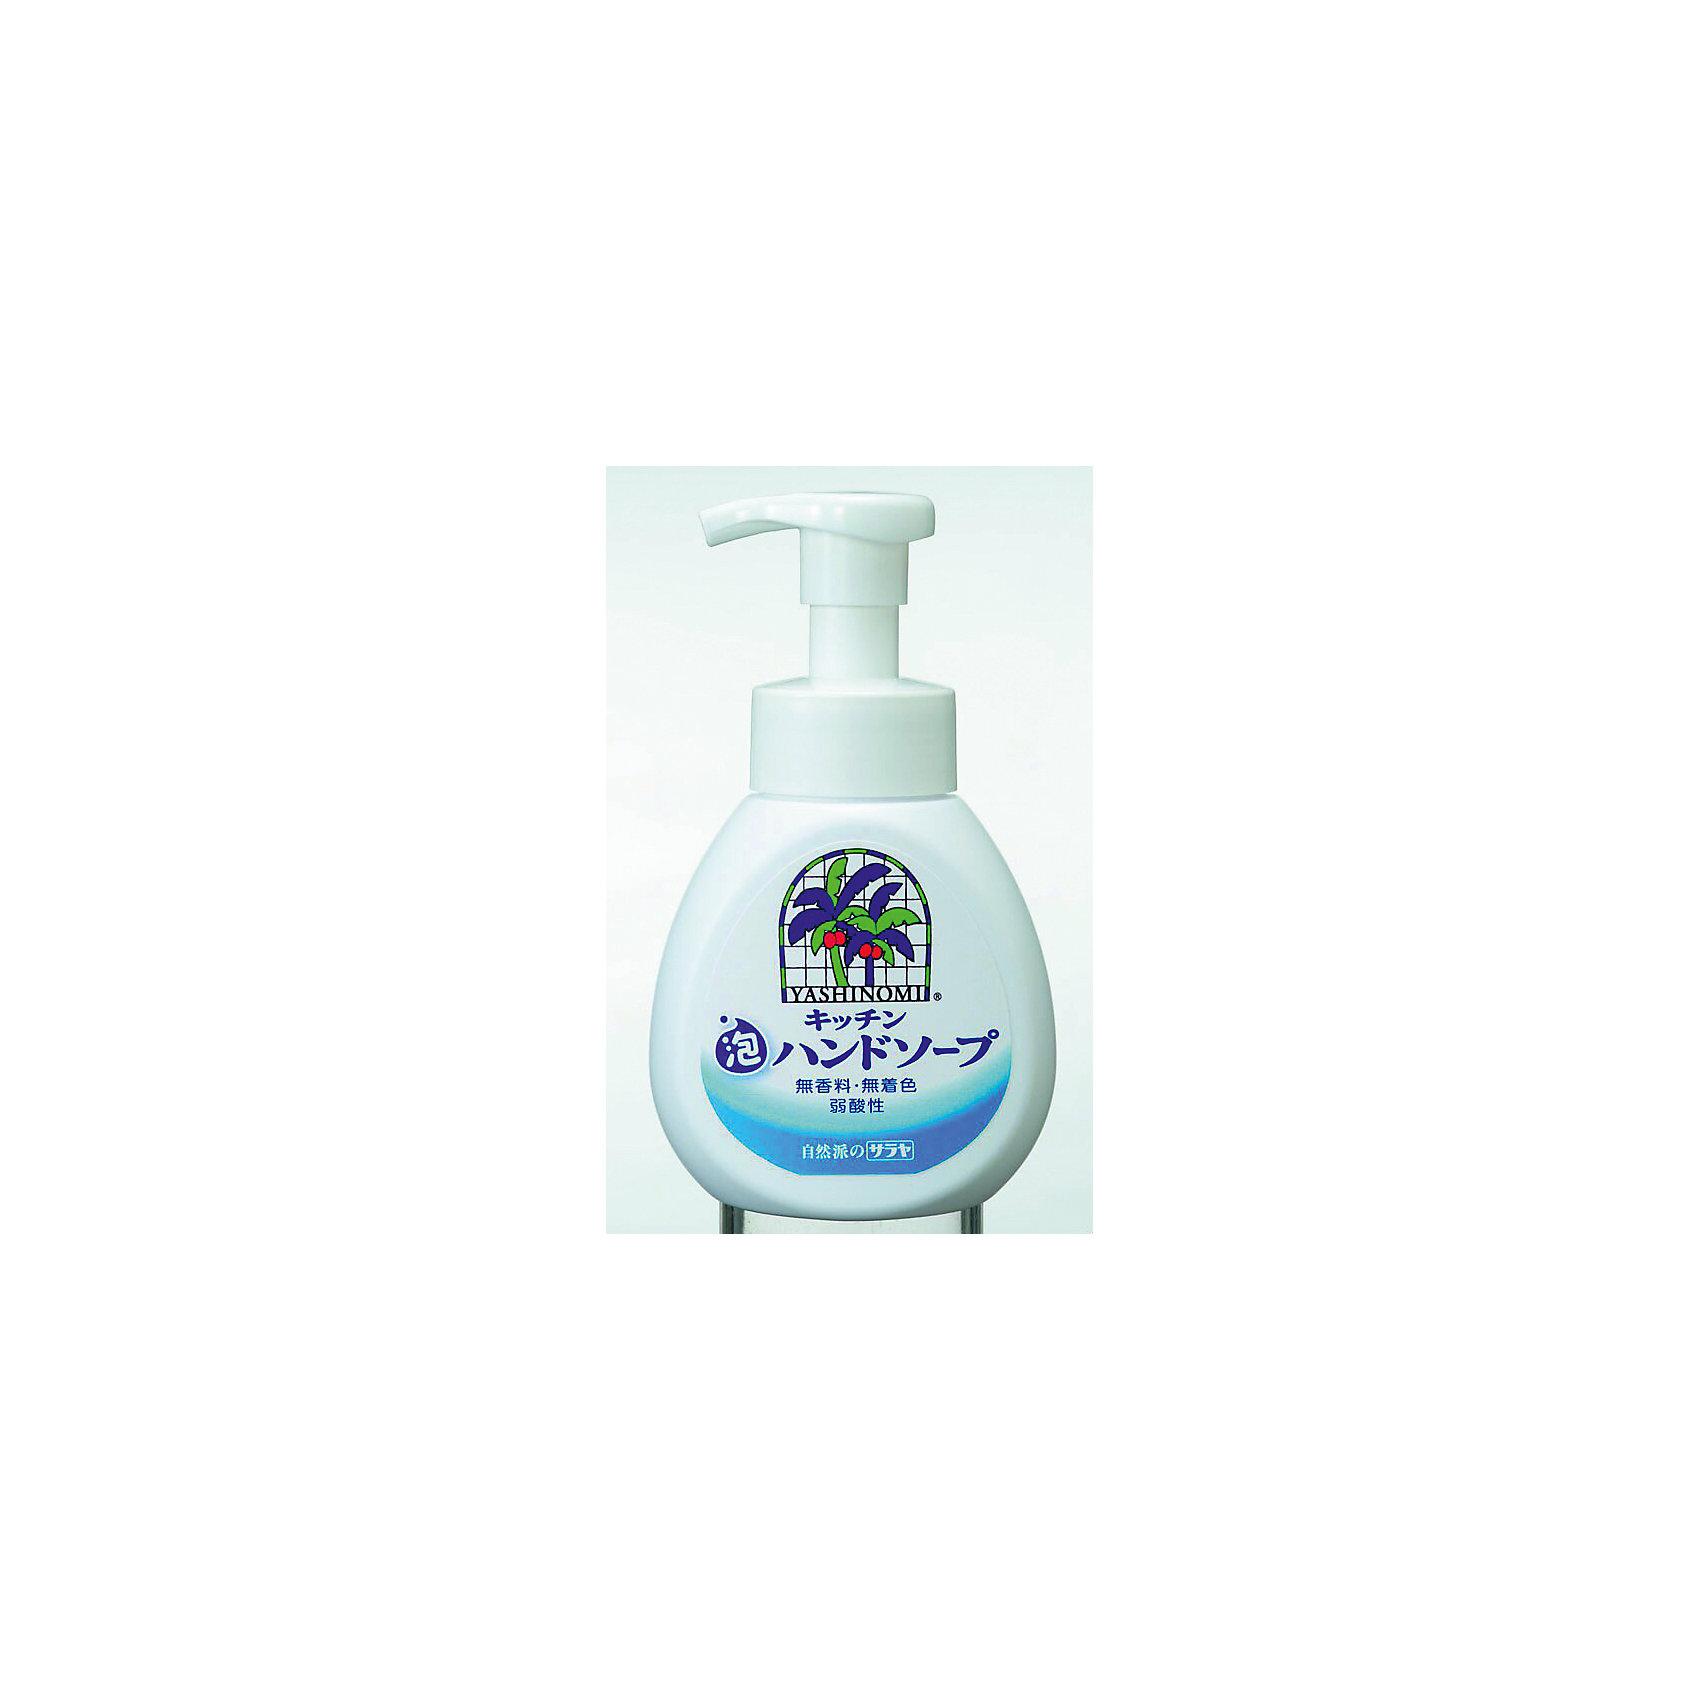 Мыло пенное для рук Arau, наполнитель, 250 мл., sarayaКупание малыша<br>Мыло пенное для рук Yashinomi, наполнитель, 220 мл., Saraya<br><br>Характеристики:<br><br>- объем: 220 мл.<br>- моющая основа на основе пальмового и кокосового масла<br>- без запаха<br>- Страна производитель: Япония<br><br>Пушистая пена прямо из дозатора! Мытье рук на кухне никогда еще не было таким эффективным. Пенное мыло для рук из линии средств для кухни от японского бренда Yashinomi (Яшиноми) поможет добиться самого чистого, и в то же время бережного очищения. Удобная упаковка наполнителя с завинчивающейся крышечкой позволит наполнить бутылочку с дозатором один раз. Это пенное мыло поможет избавиться от запахов продуктов, которые остаются на руках даже после мытья обычным мылом. <br><br>Многие производители маскируют запах при помощи добавления синтетических ароматизаторов, кухонное мыло для рук Yashinomi (Яшиноми) нейтрализует запахи за счет эффекта небольшого количества цитрусовой кислоты. Все средства линии Yashinomi (Яшиноми) оказывают бережное отношение к окружающей среде и разлагается не загрязняя её. <br><br>Природные компоненты состава этого мыла не провоцируют аллергию, формула мыла проверена дерматологами и не провоцирует раздражение. Эффекты масел обеспечивают комплексное очищение и увлажнение кожи рук, а также легкое осветление. В формулу мыла не входят красители или ненатуральные ароматизаторы. Вы полюбите мыть руки вместе с Yashinomi (Яшиноми)!<br><br>Мыло пенное для рук Yashinomi, наполнитель, 220 мл., Saraya можно купить в нашем интернет-магазине.<br><br>Ширина мм: 485<br>Глубина мм: 370<br>Высота мм: 175<br>Вес г: 280<br>Возраст от месяцев: 216<br>Возраст до месяцев: 1188<br>Пол: Унисекс<br>Возраст: Детский<br>SKU: 5397373